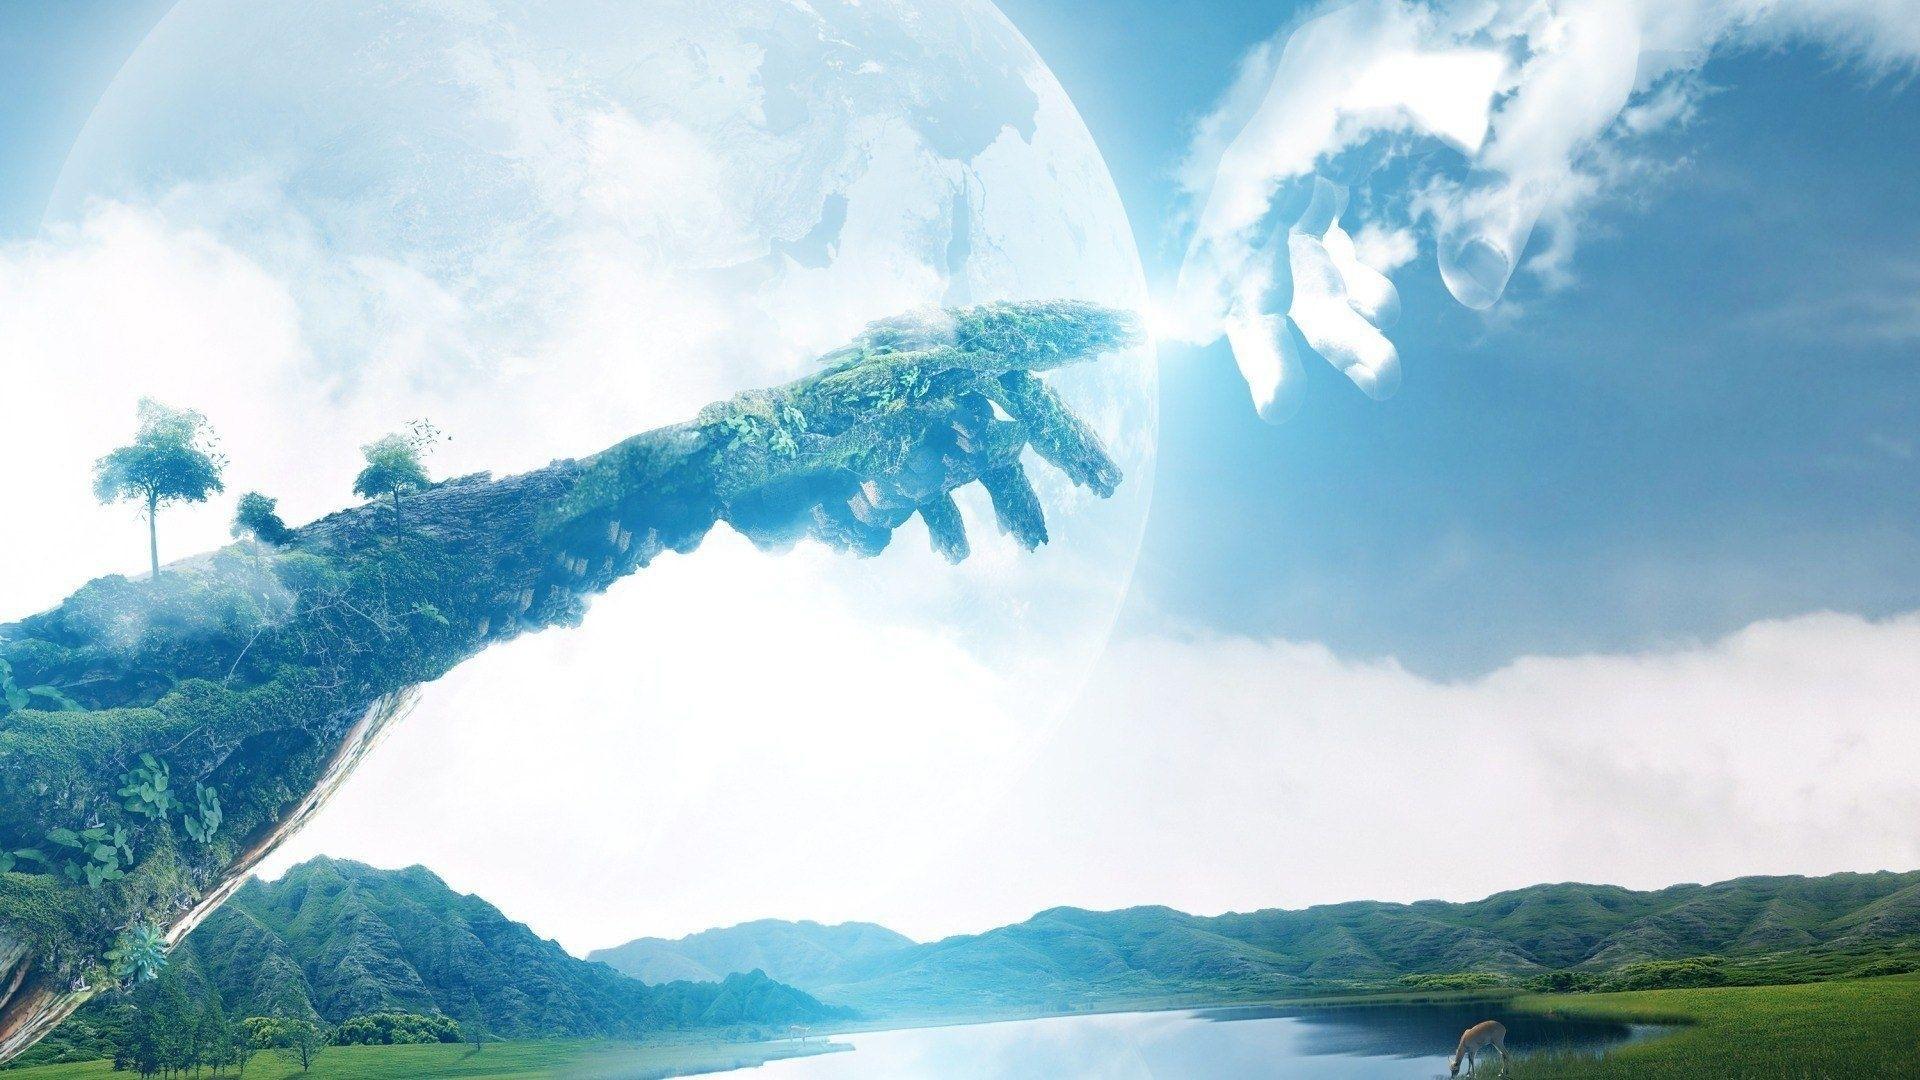 Heaven Desktop Wallpaper